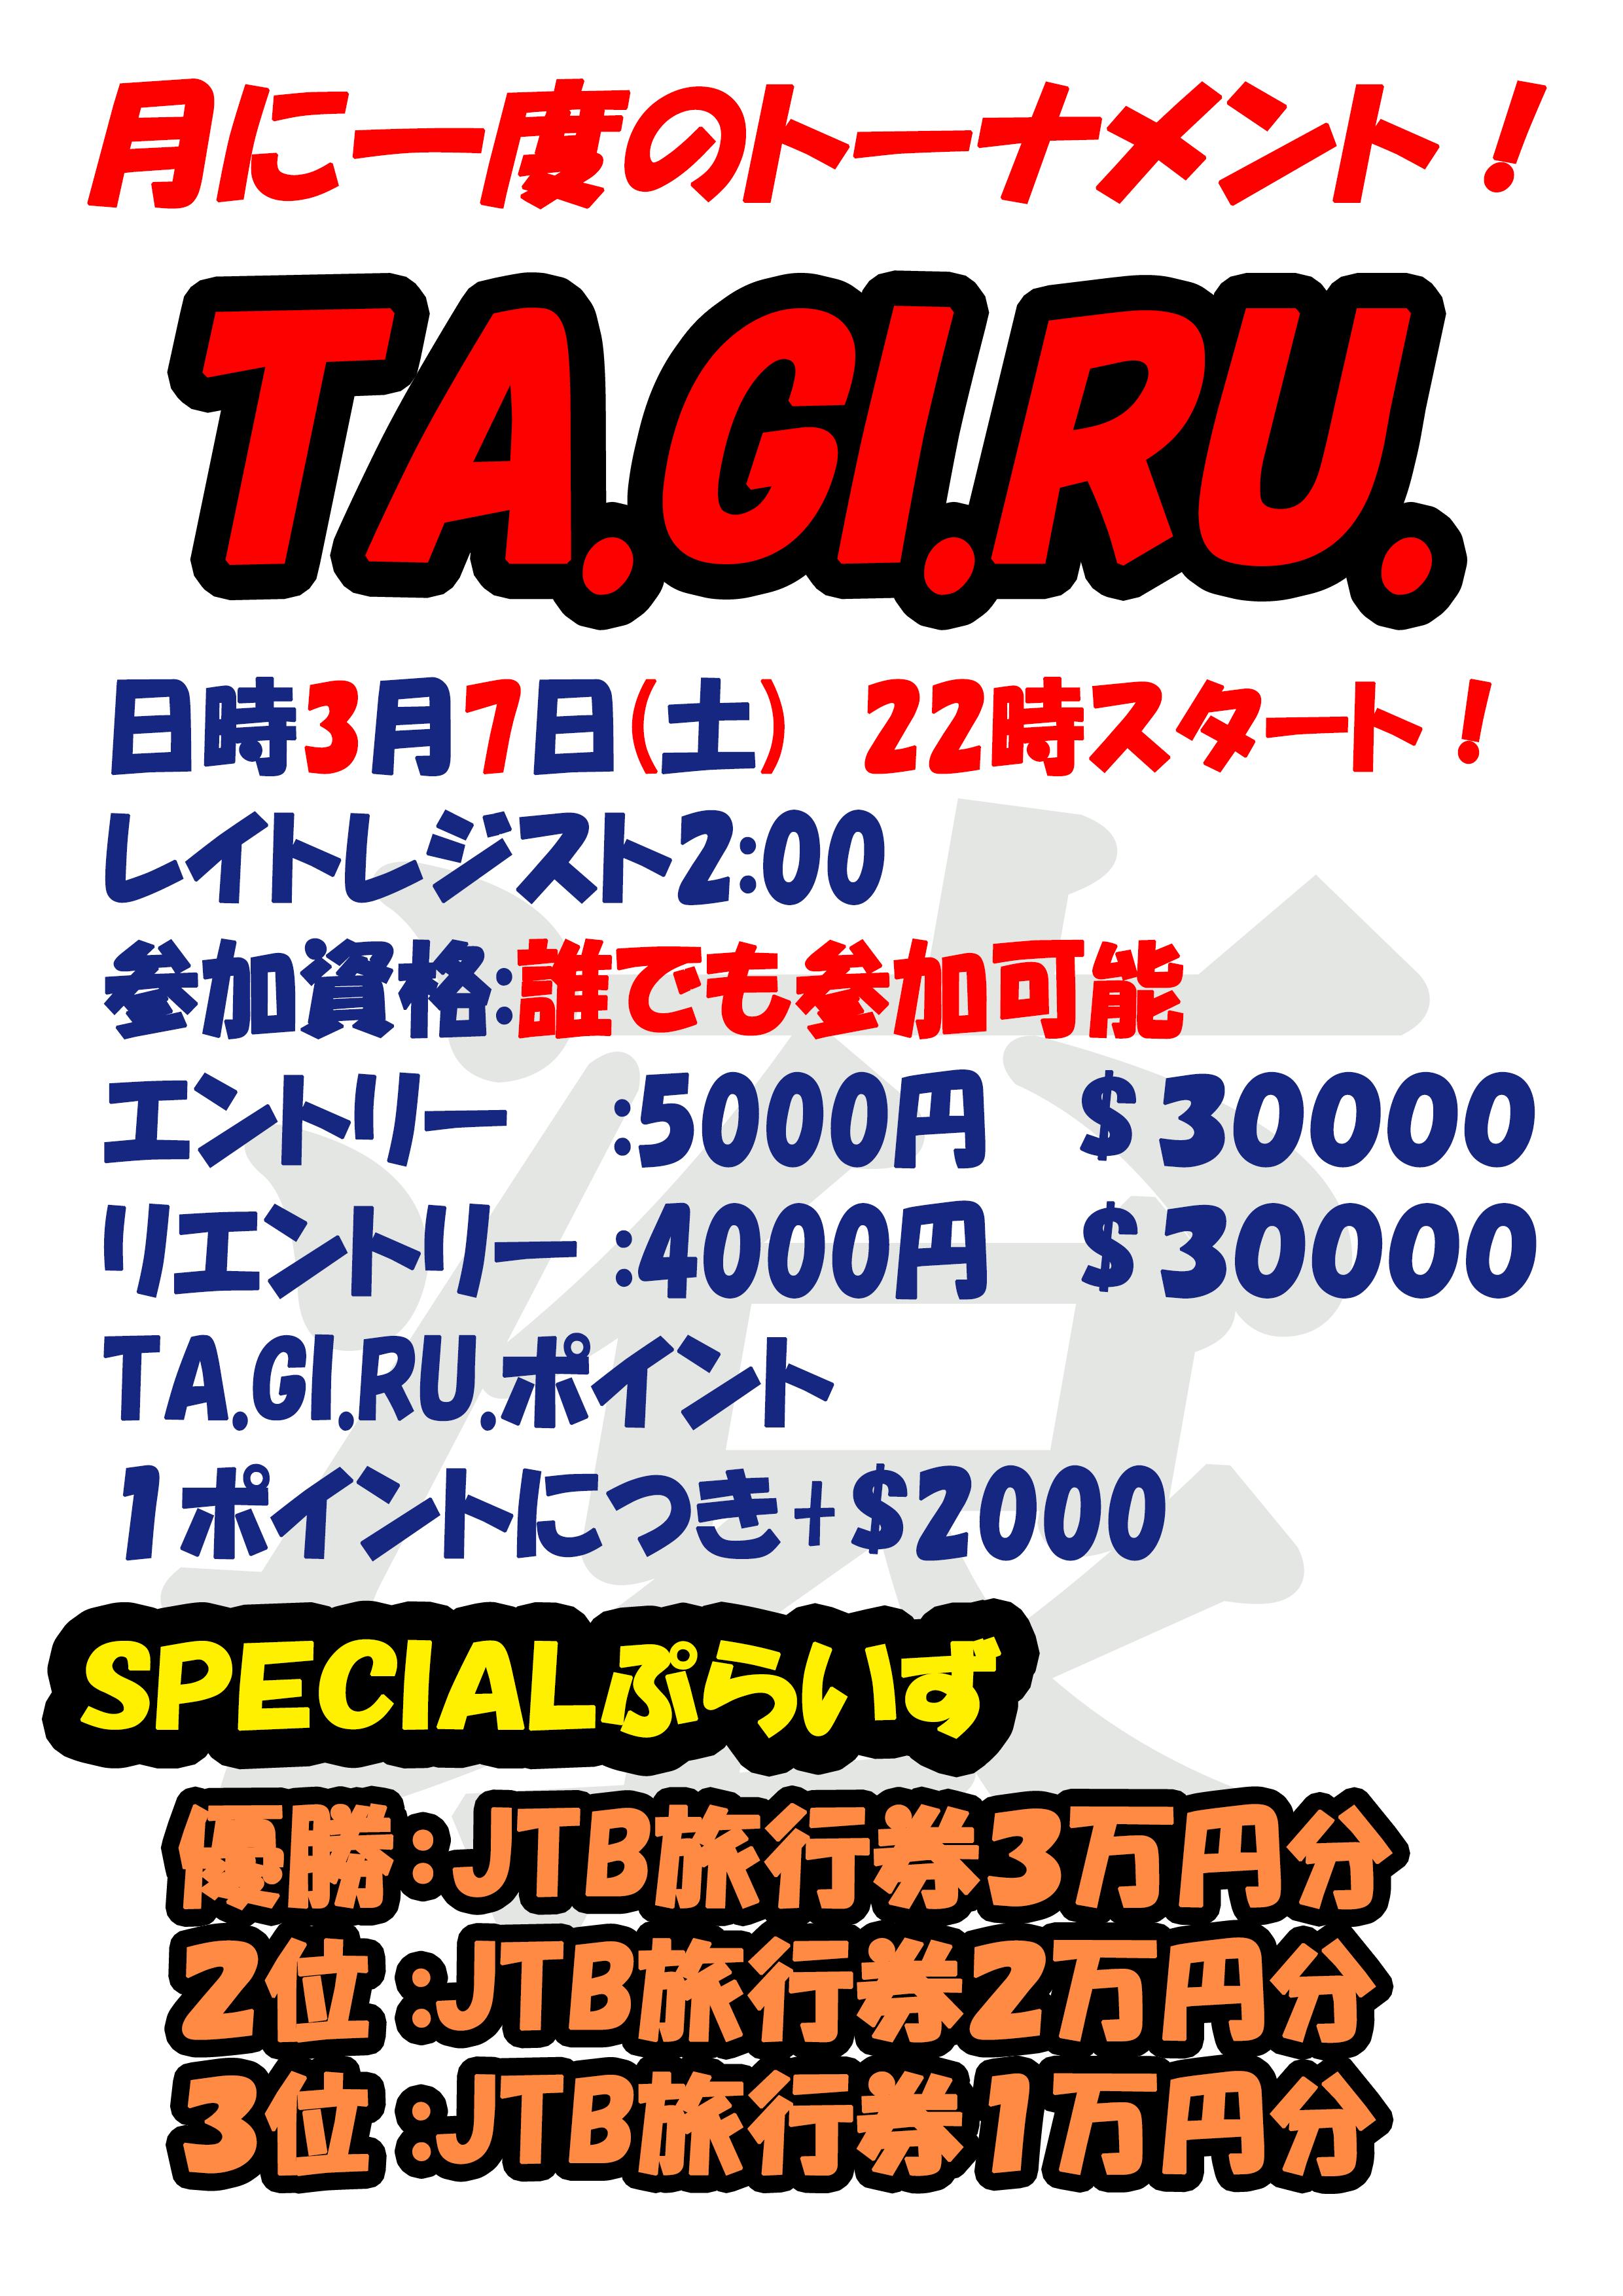 3月7日(土) 第27回マンスリートーナメント TAGIRU開催!